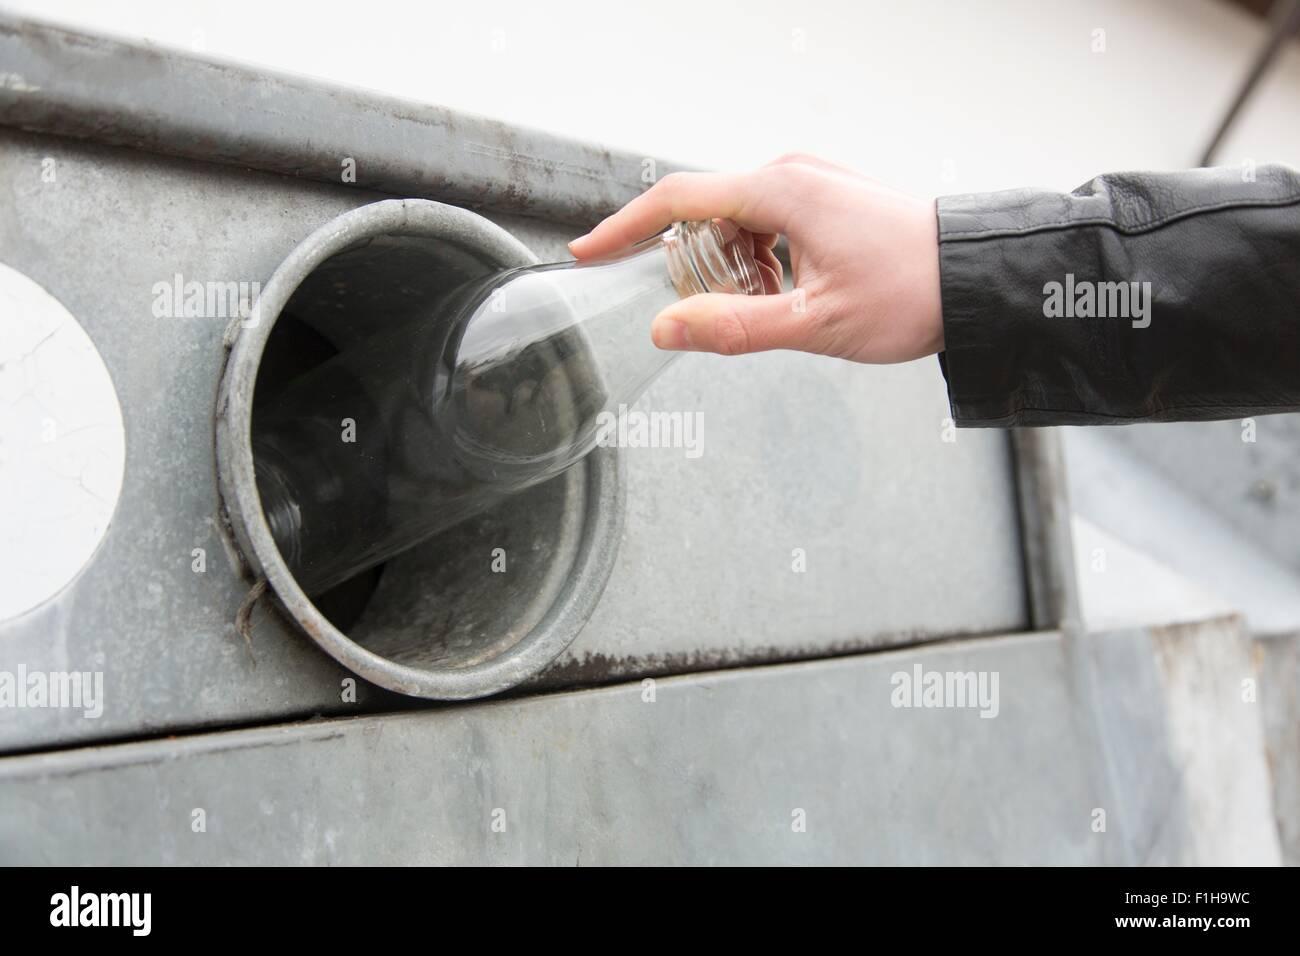 Persona reciclaje botella de leche en botella bank Imagen De Stock